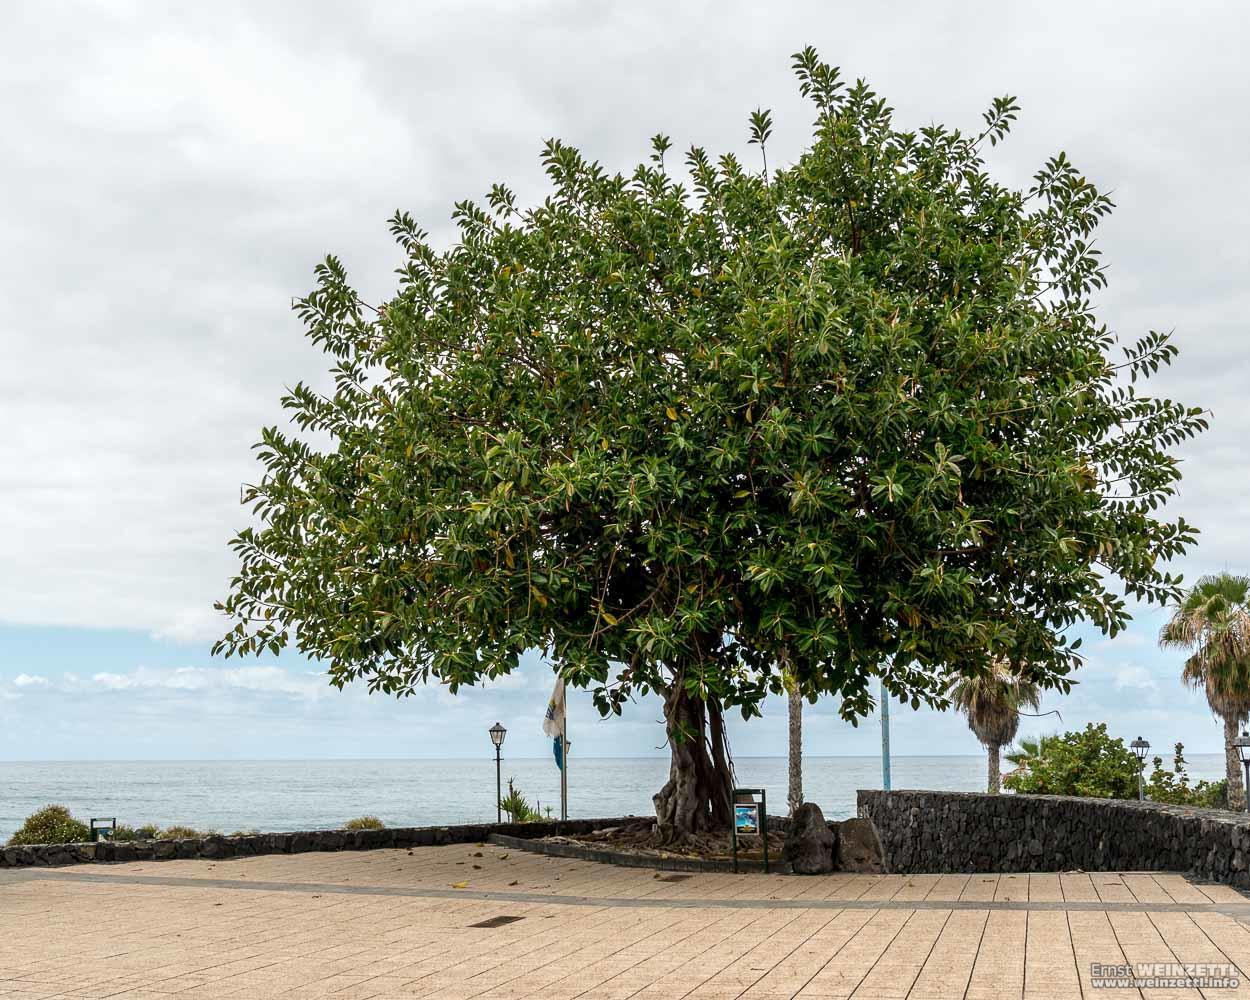 Ein Baum am Strand.